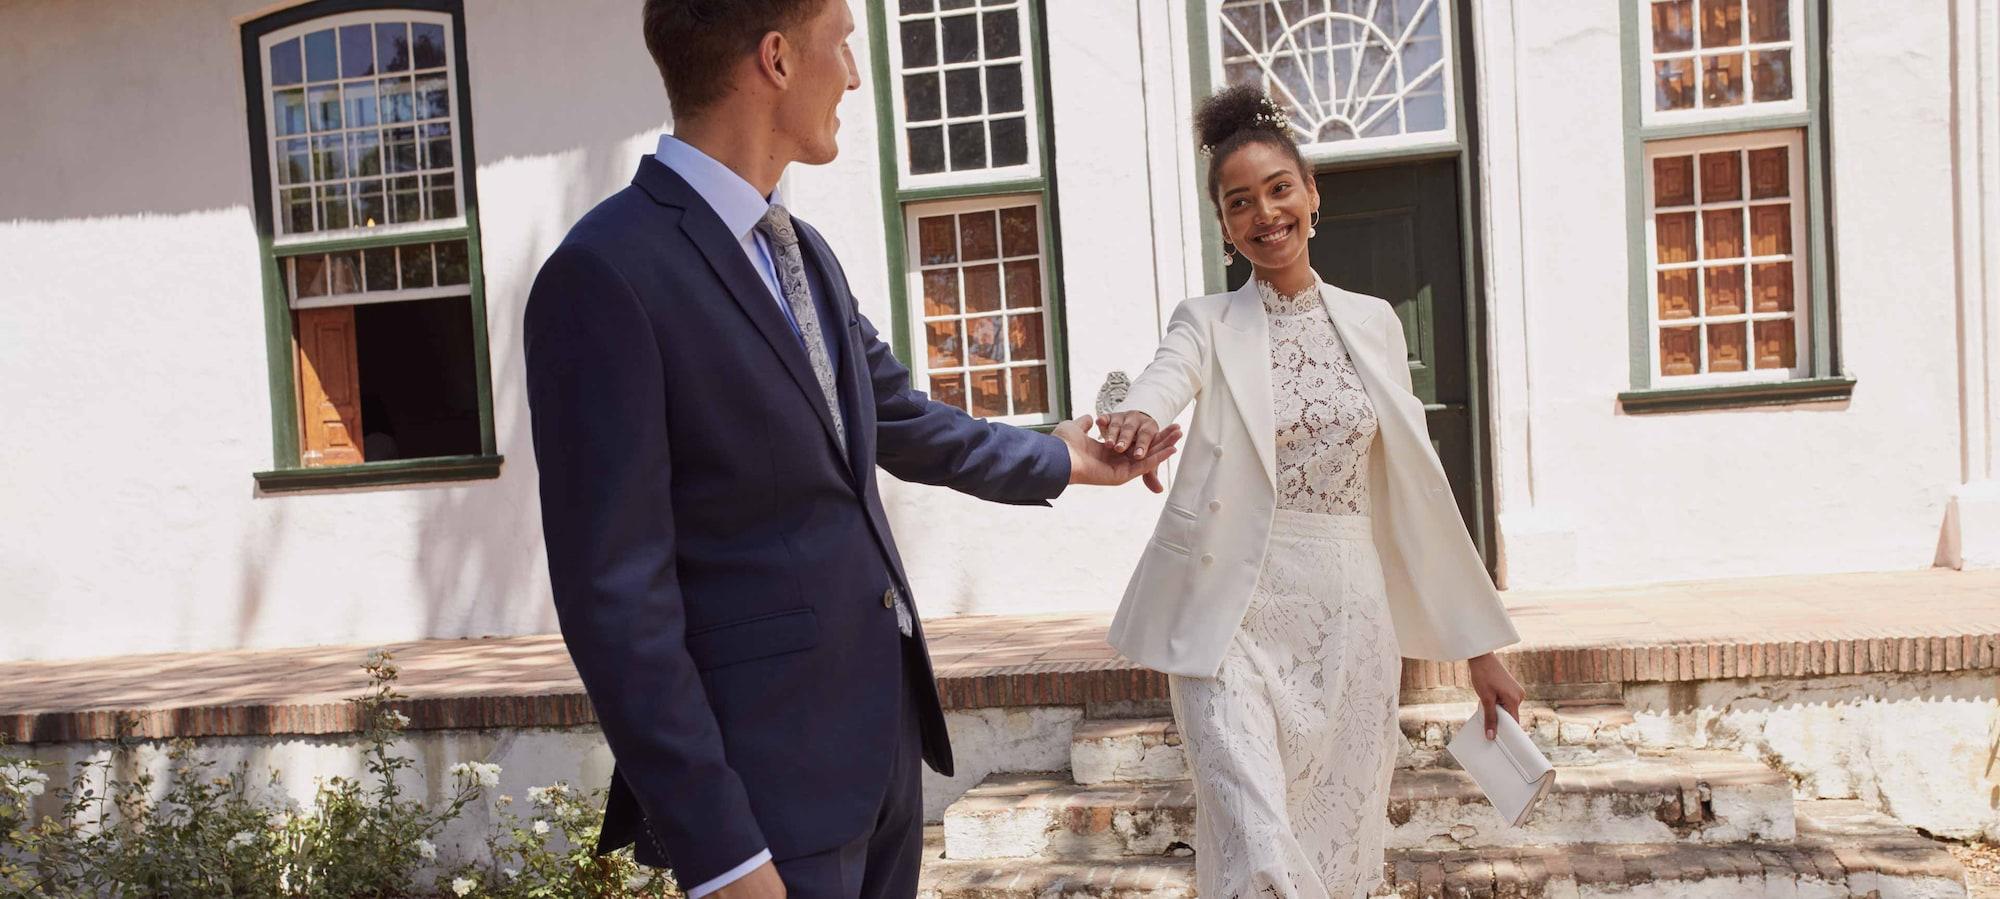 Femeie care cauta nunta Belgia